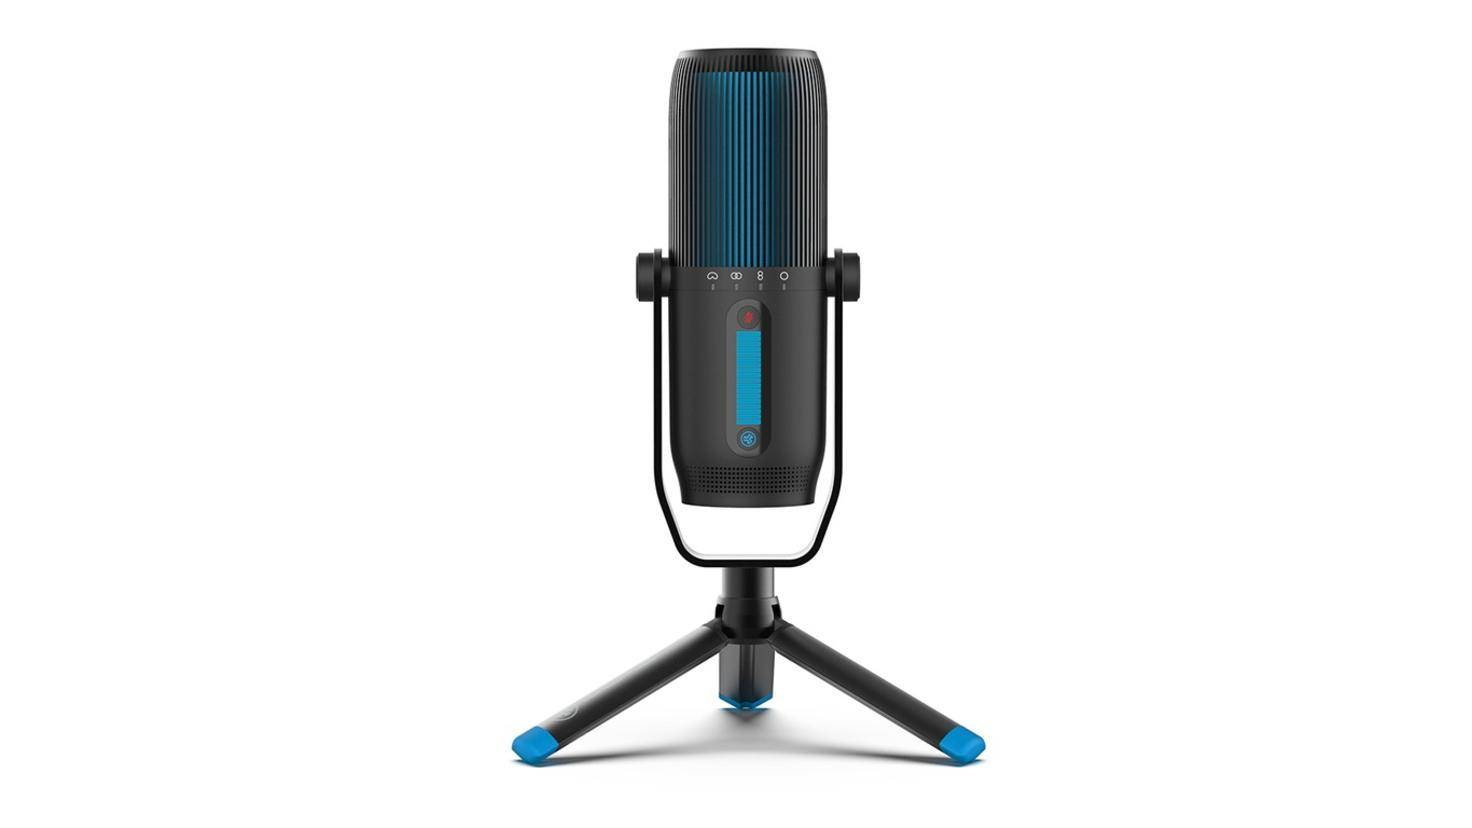 JLab-Talk-Pro microphone